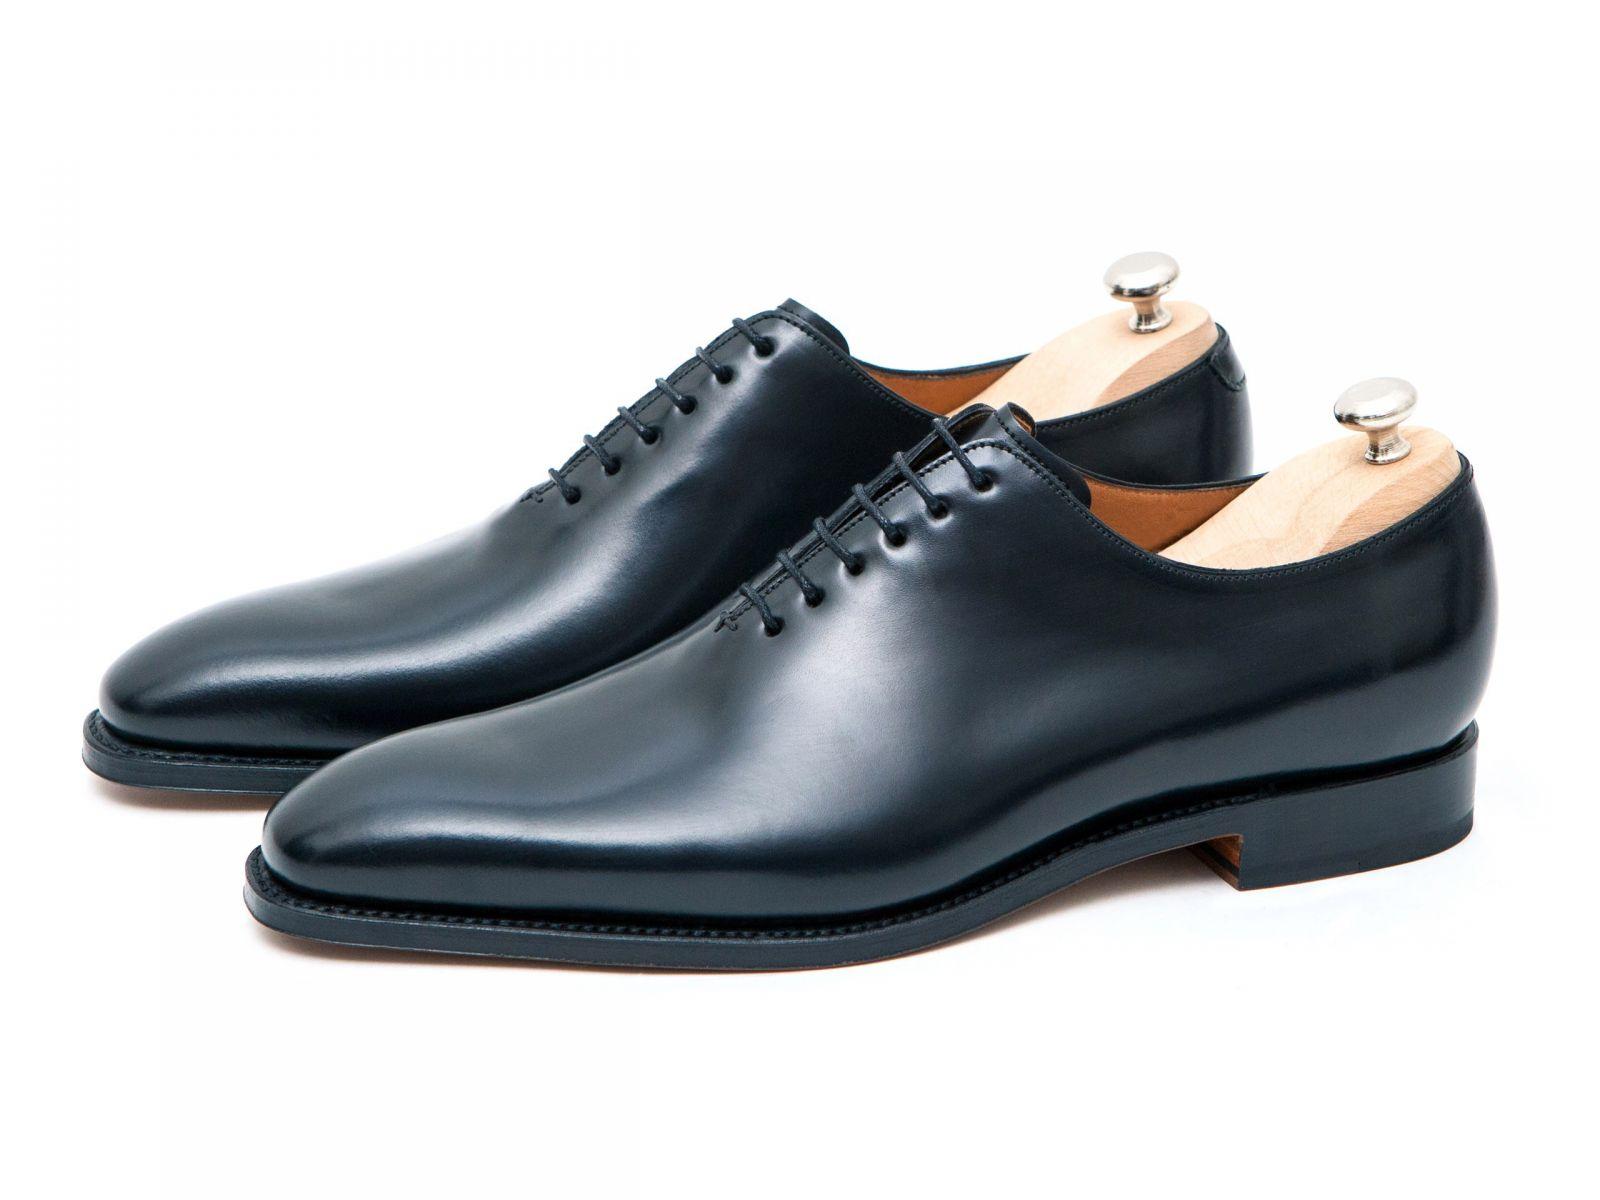 chaussures de mariage pour homme guide boutiques de mode. Black Bedroom Furniture Sets. Home Design Ideas